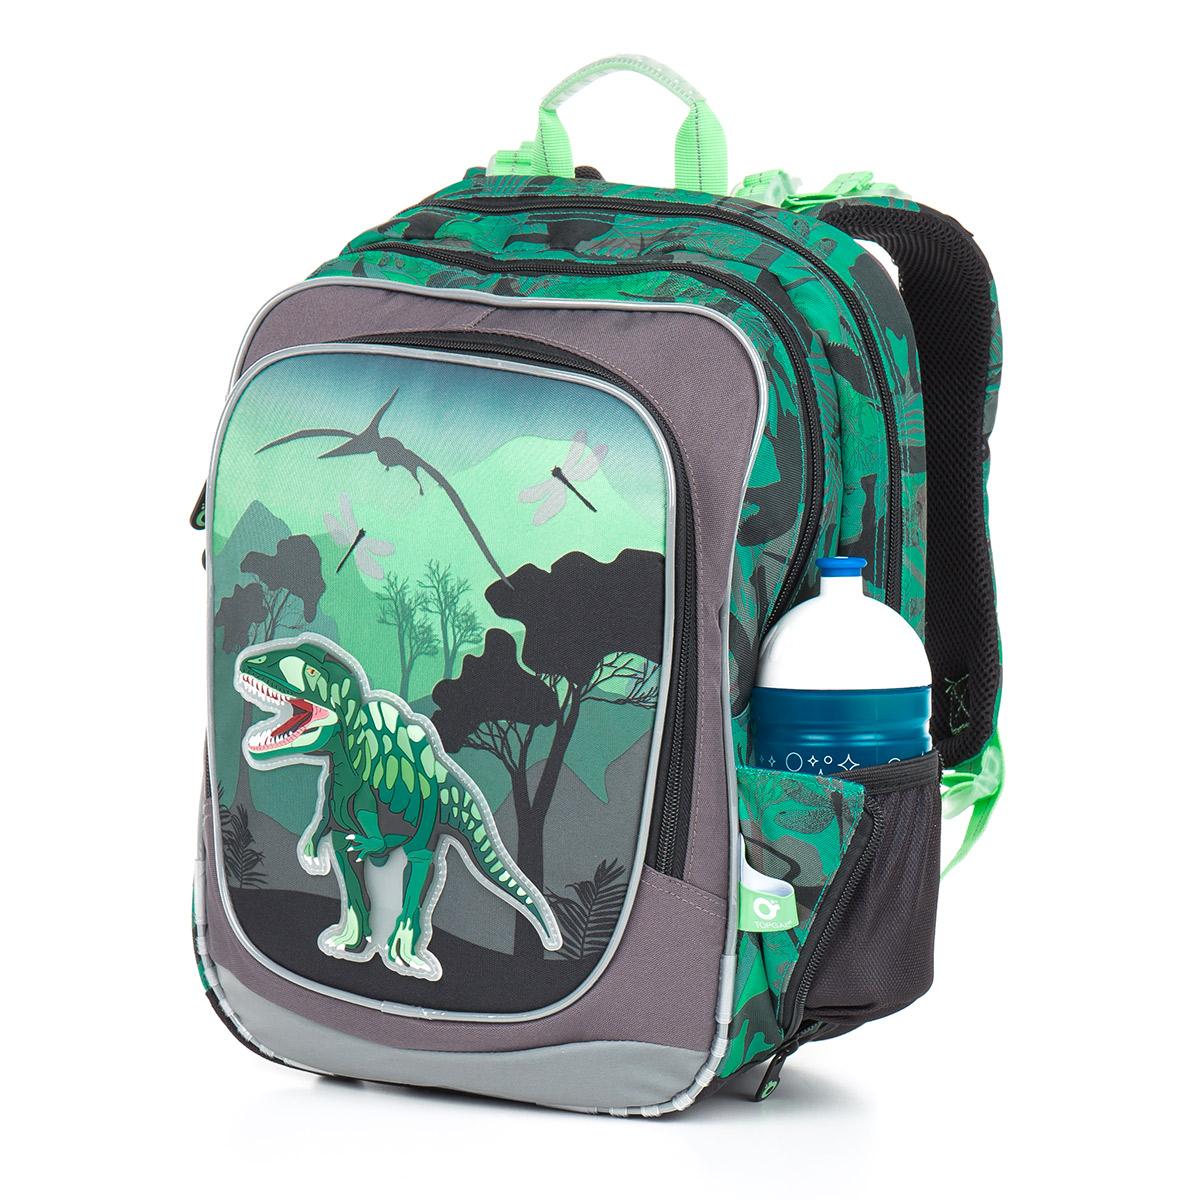 9e116573e93 Aktovka do školy nebo batoh školní atkovka nebo batoh